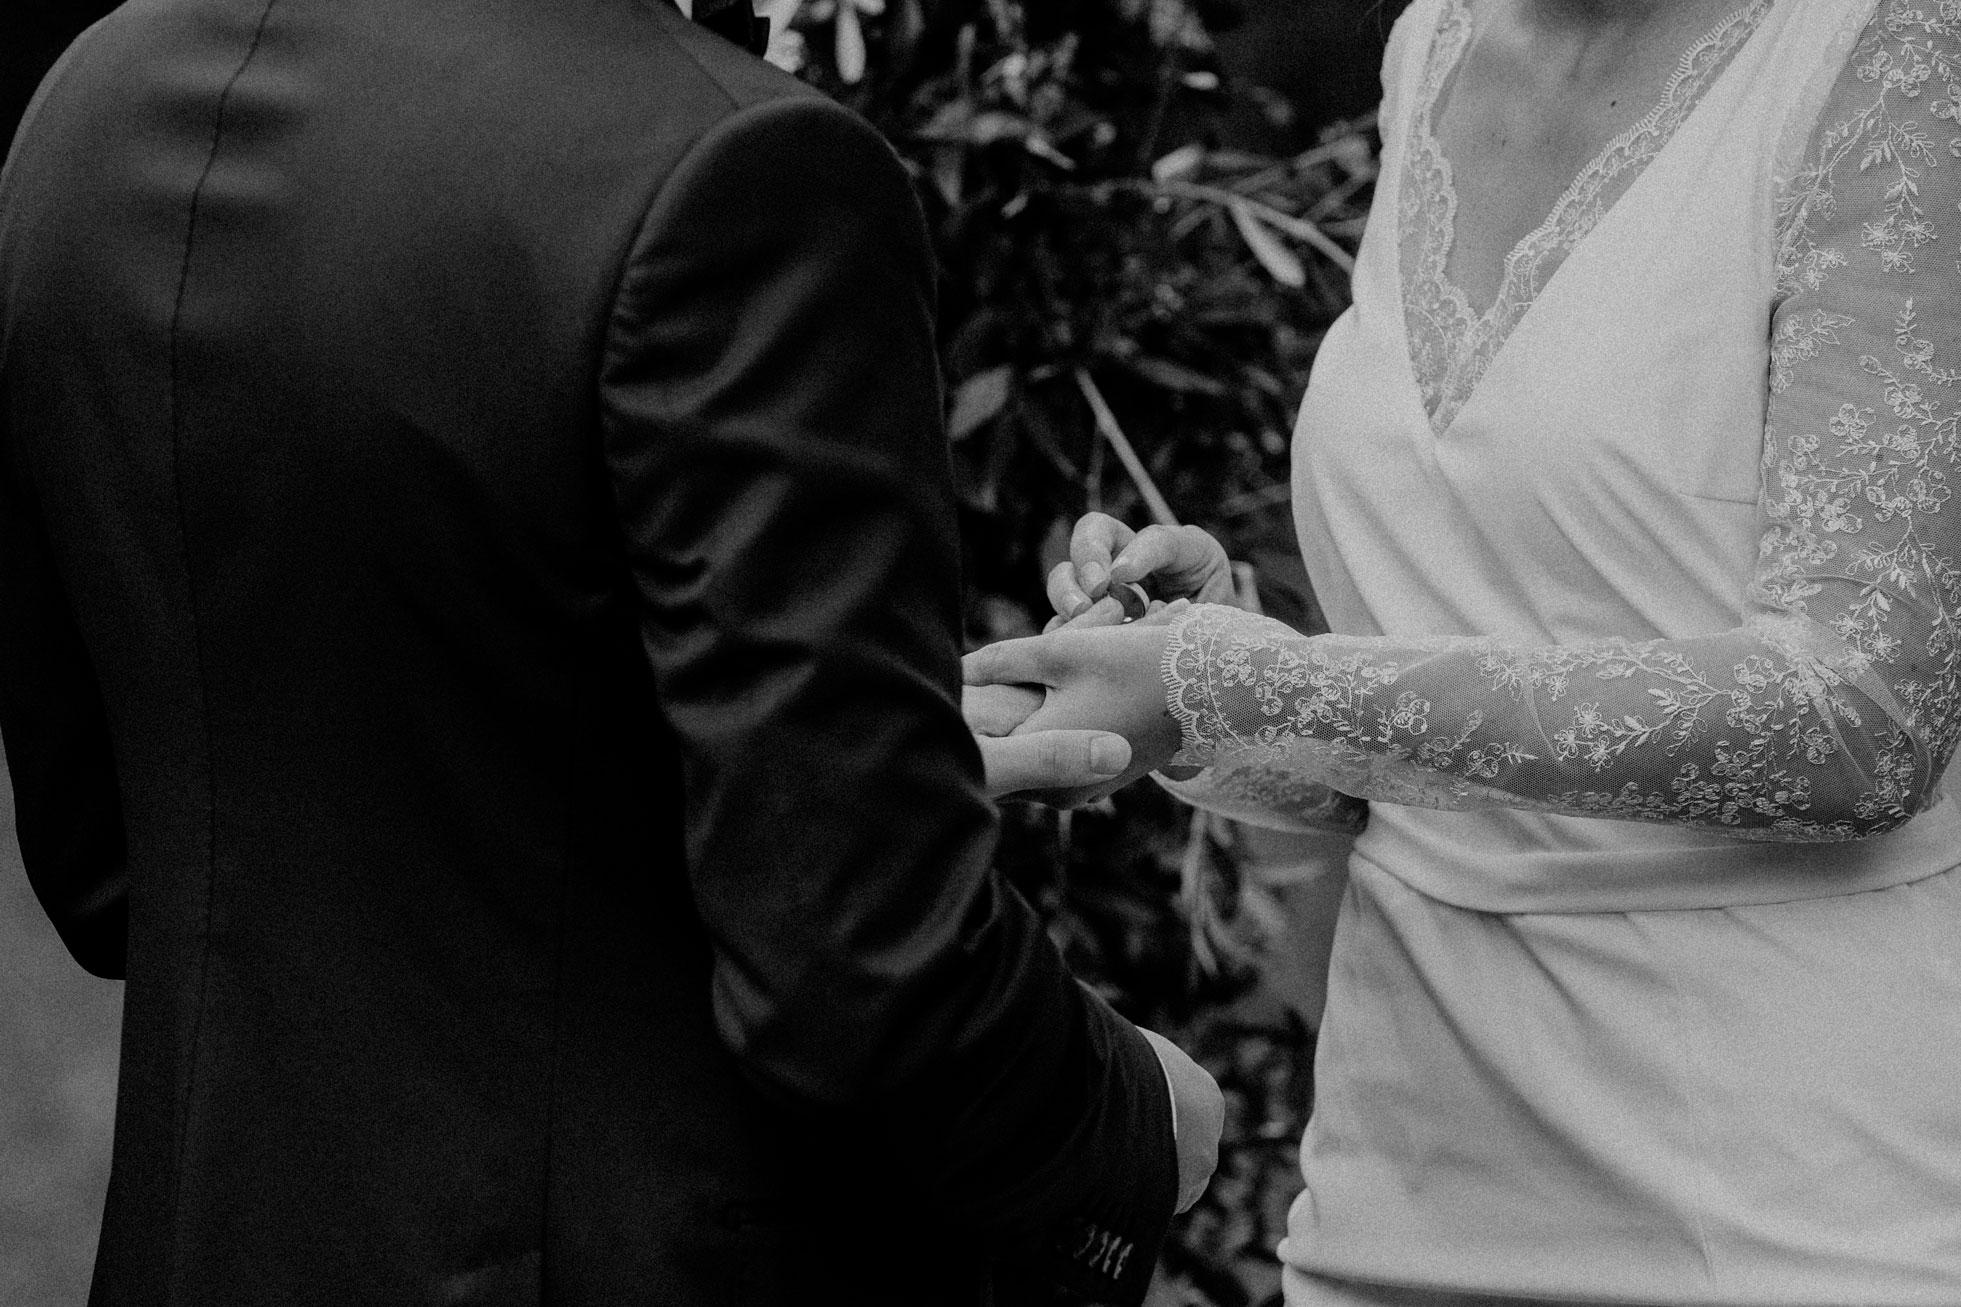 Hochzeit_Claire_Manuel_Villa_Maund_Daniel_Jenny-195.jpg